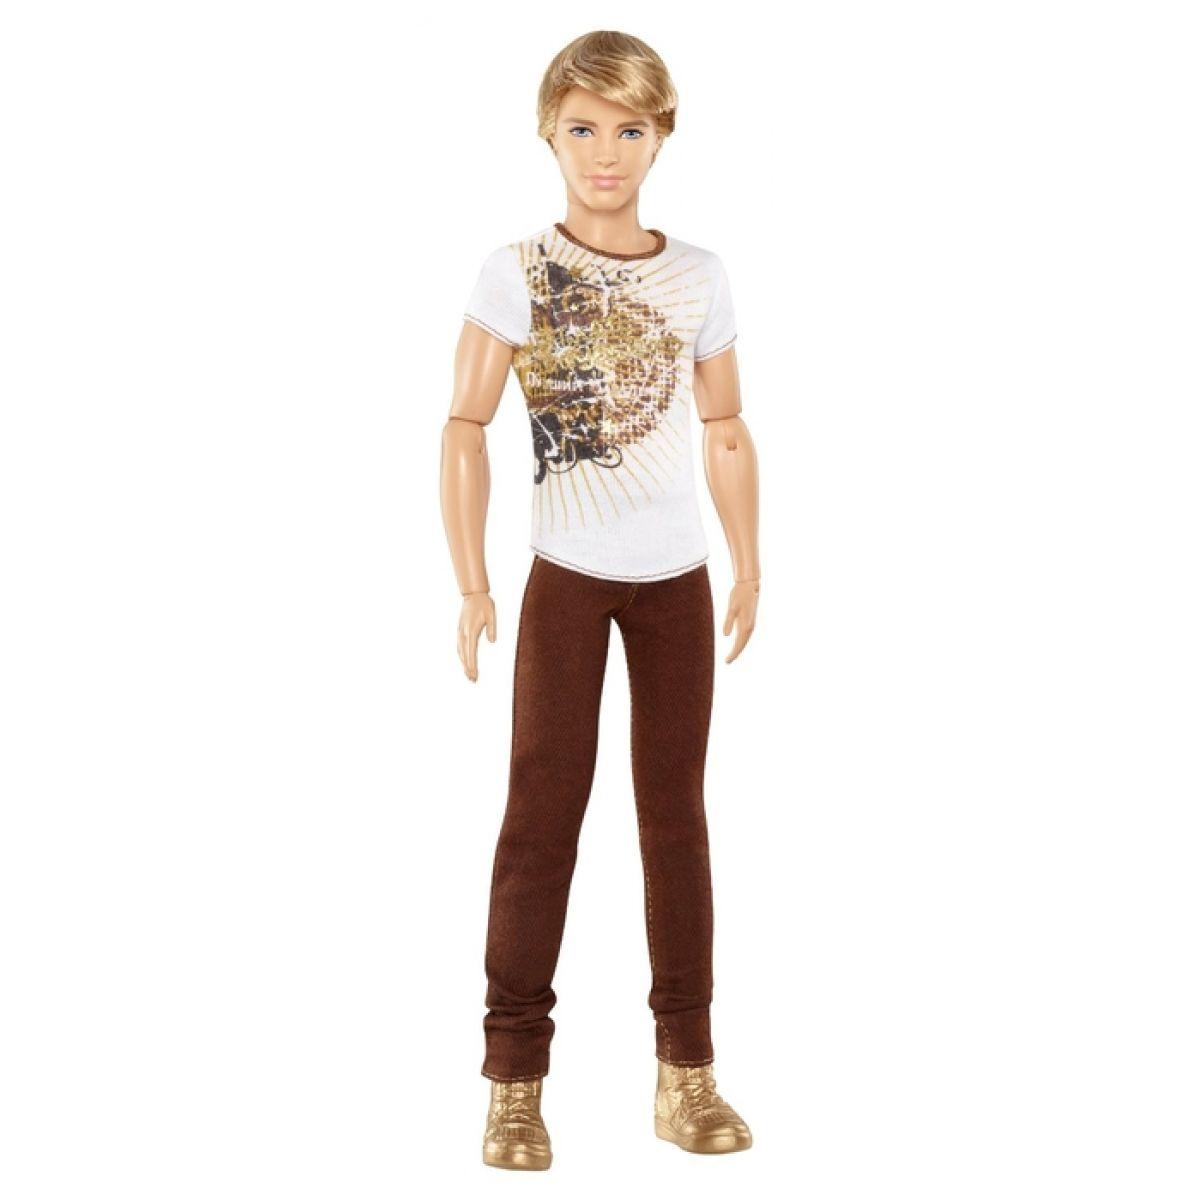 Barbie Fashionistas Ken - Hnědé kalhoty